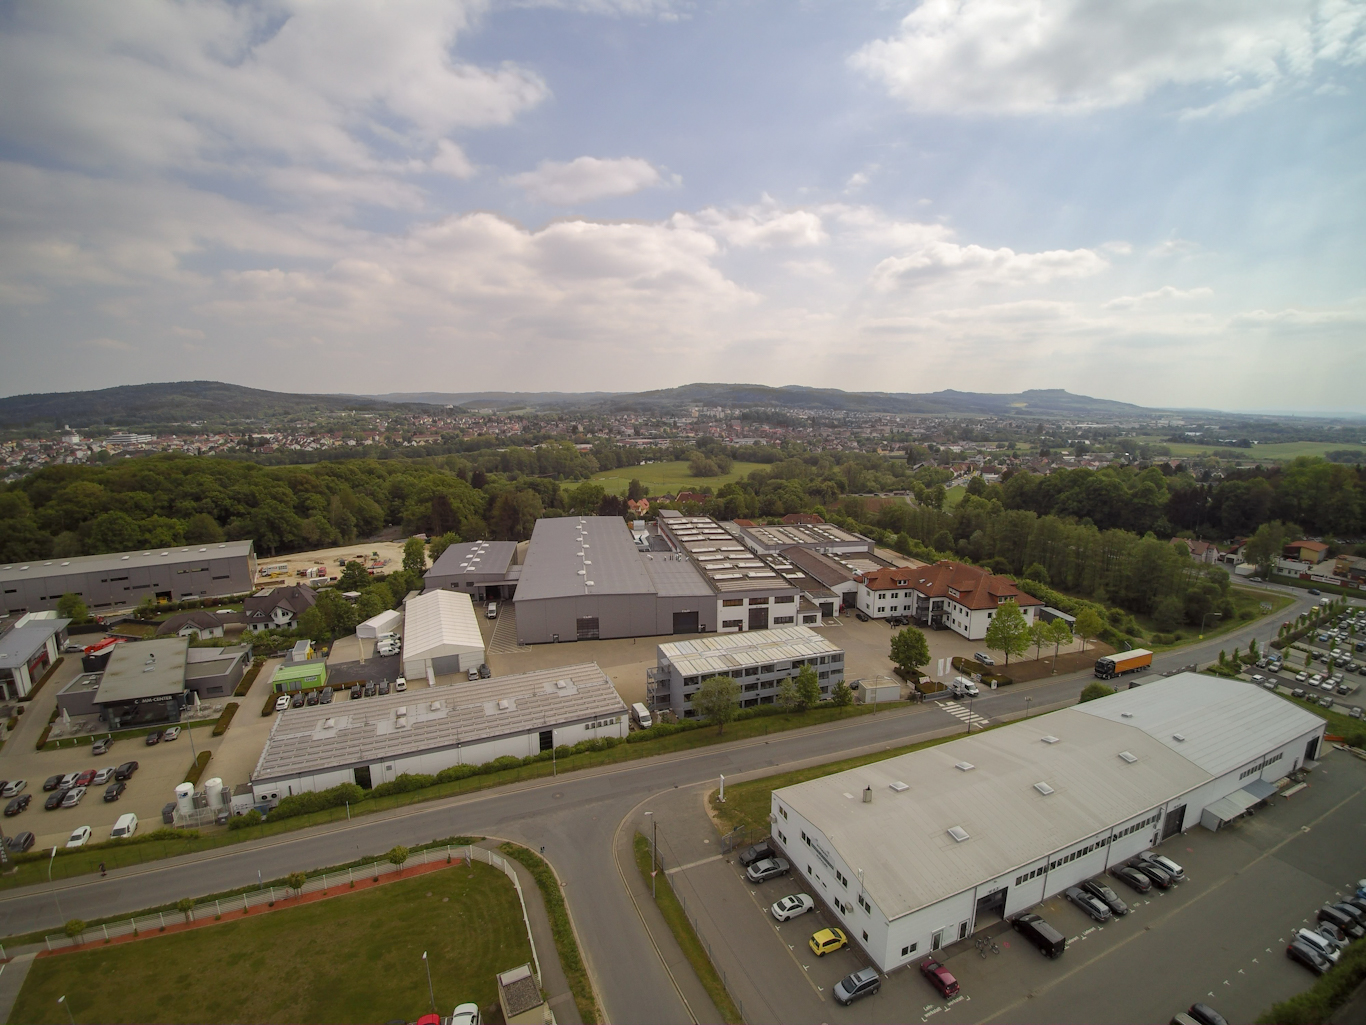 Luftbild aus dem Jahr 2018